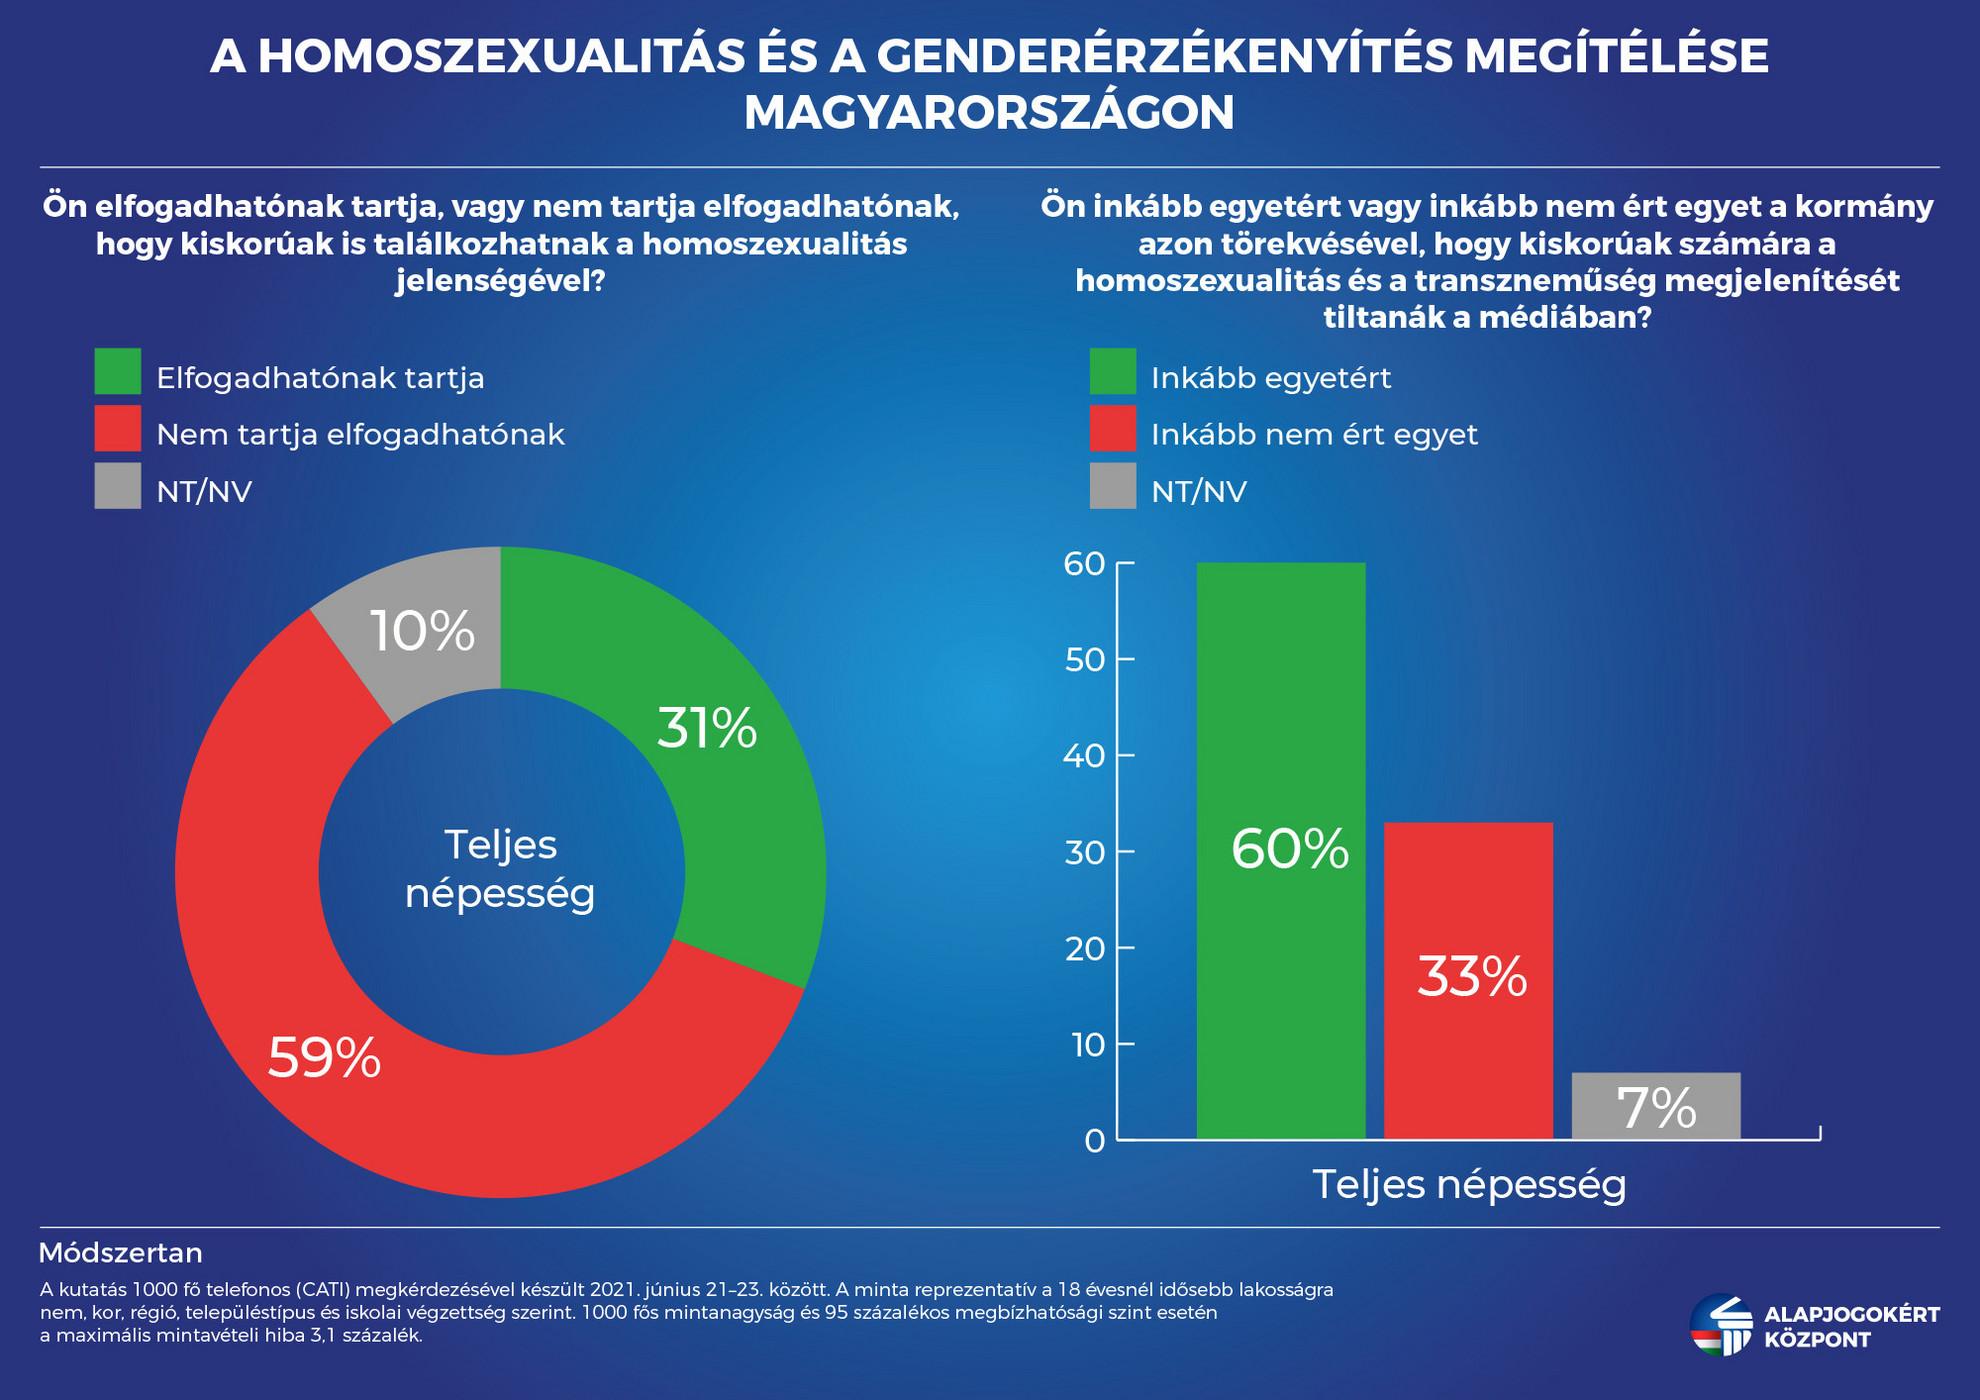 A válaszadók nagyobb része nem támogatja, hogy a kiskorúak találkozzanak a homoszexualitás és a transzneműség jelenségével